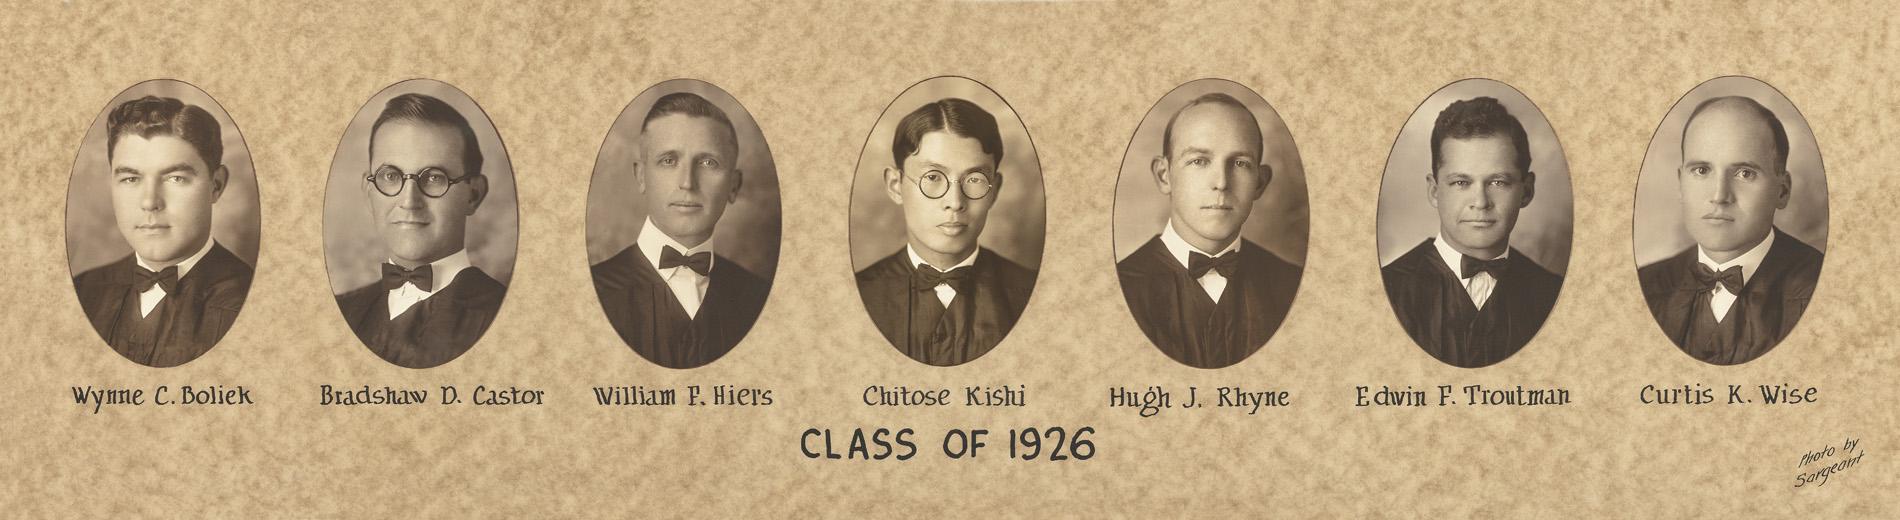 1926 Class Composite